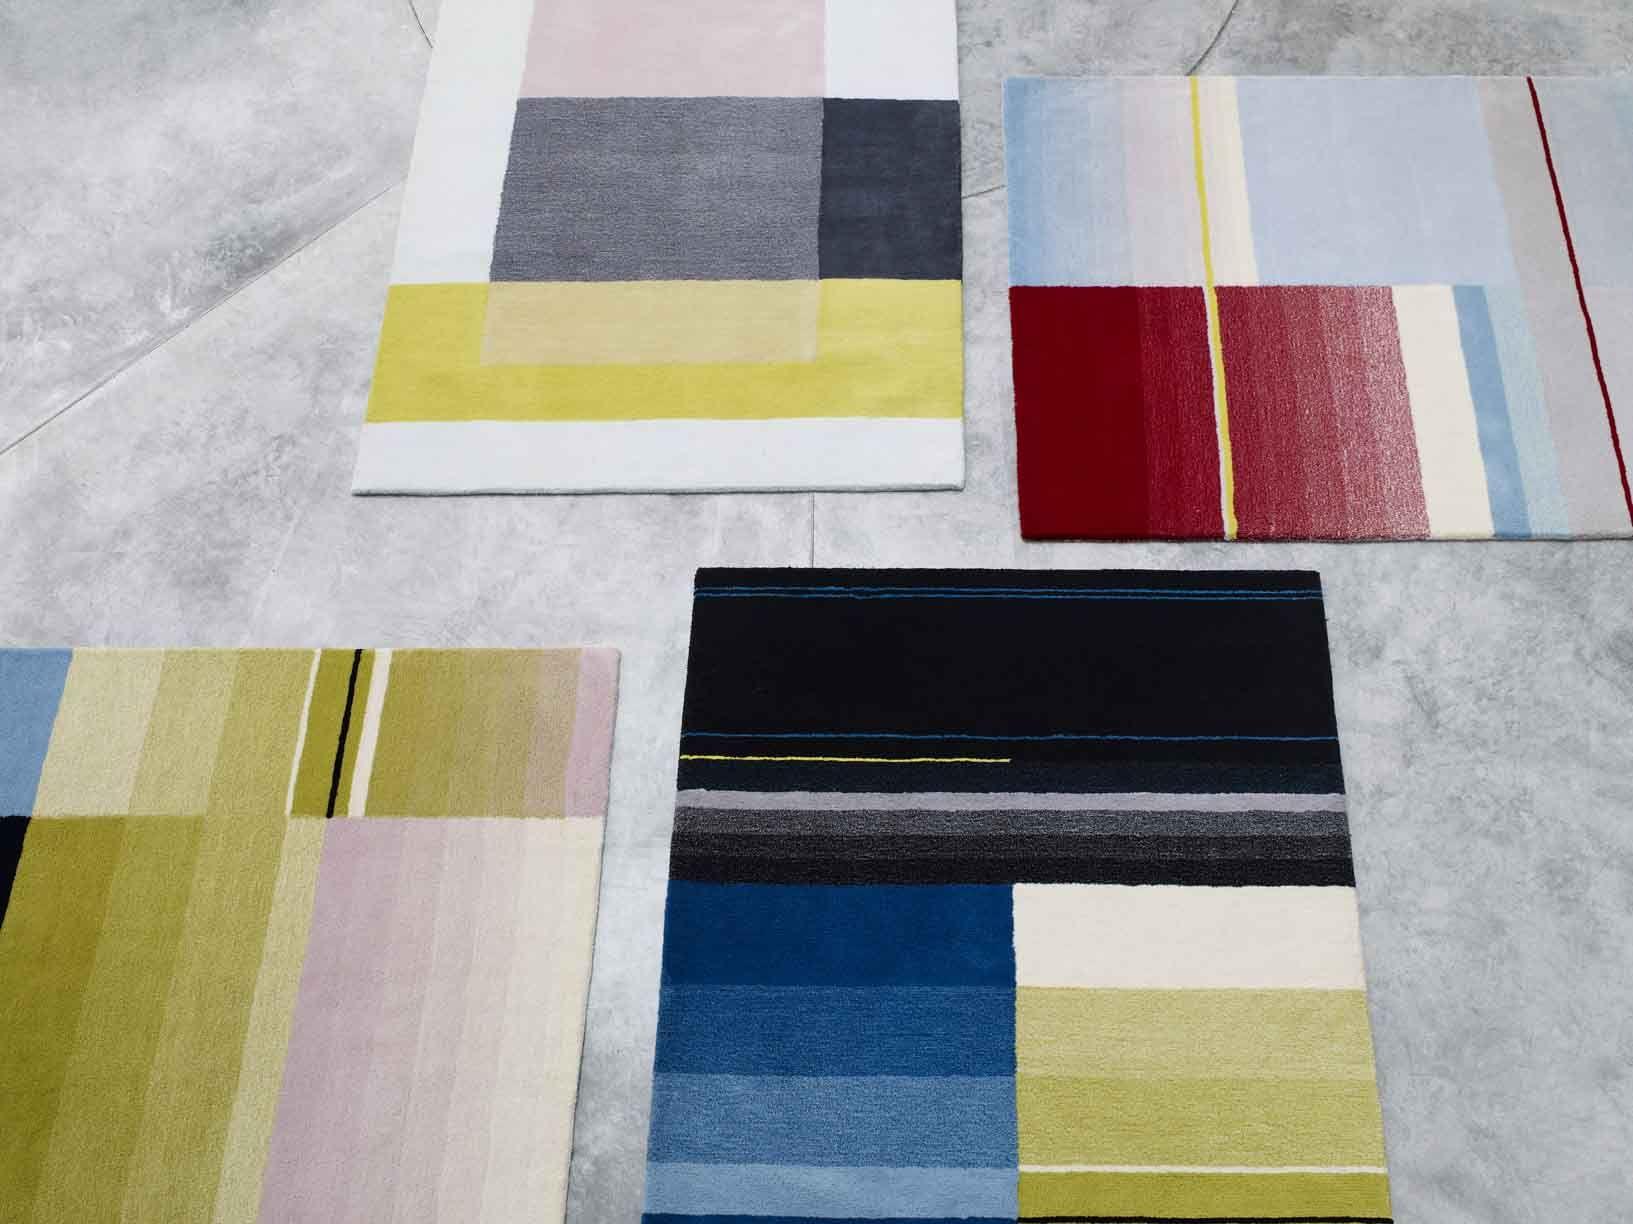 Rabari Vloerkleden Nanimarquina : Colour carpet scholten & baijings hay project bergstraat